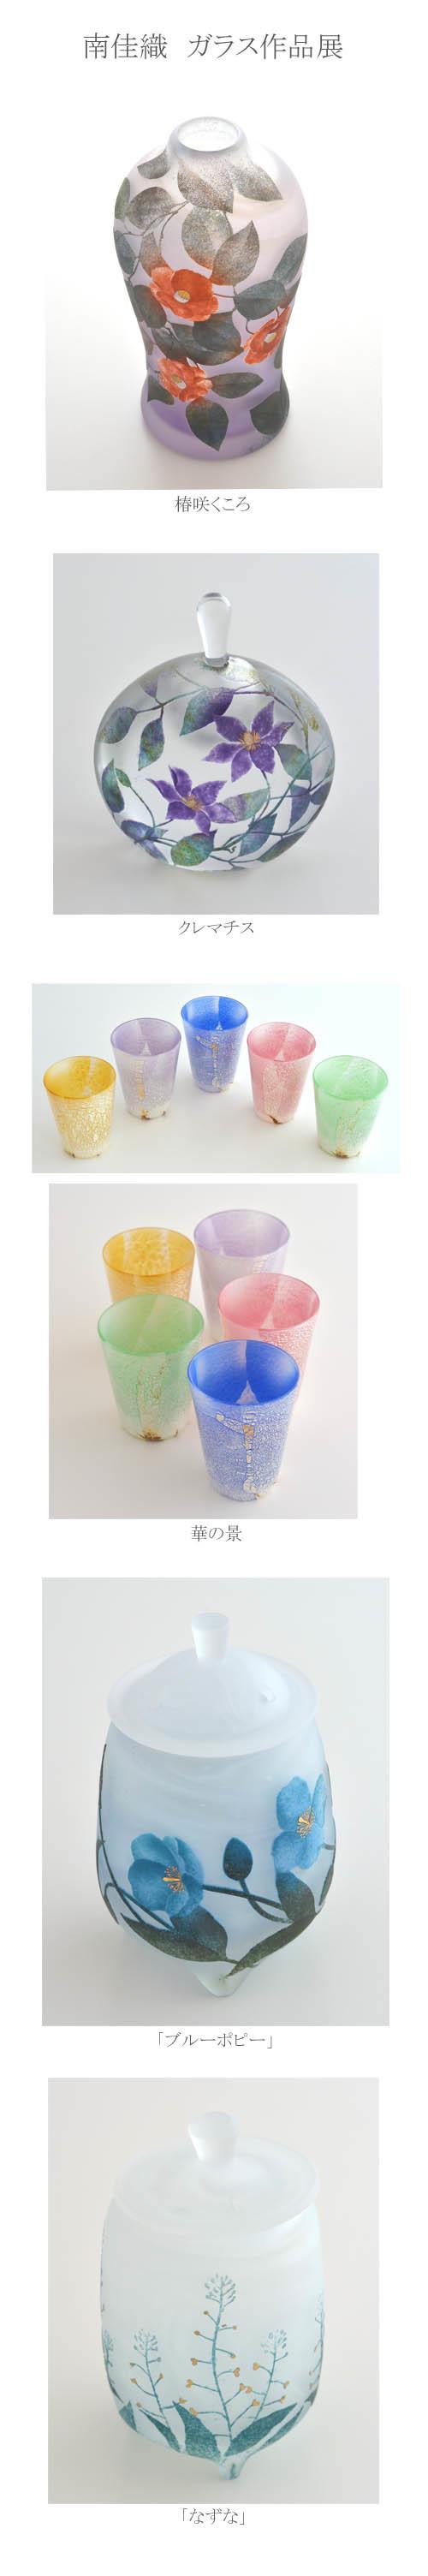 昨日で「小林俊和 南佳織 ガラス作品展」終了致しました。_c0161127_20135974.jpg